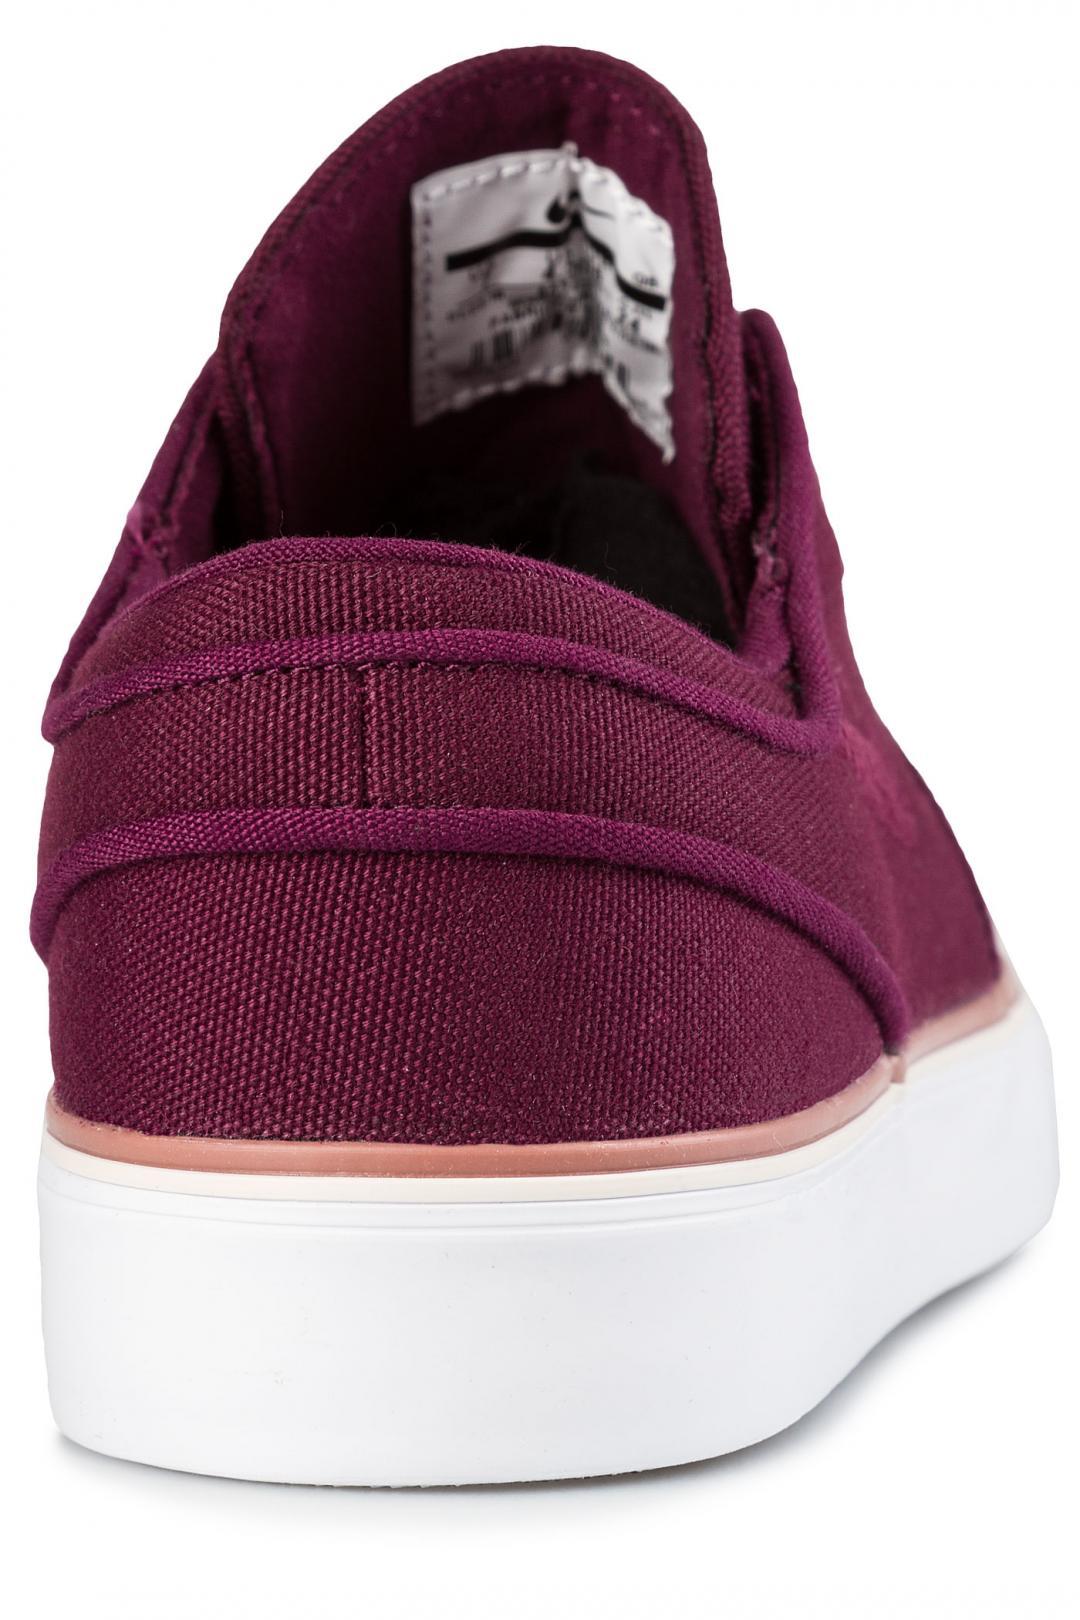 Donna Nike SB Zoom Stefan Janoski Canvas bordeaux white | Sneaker